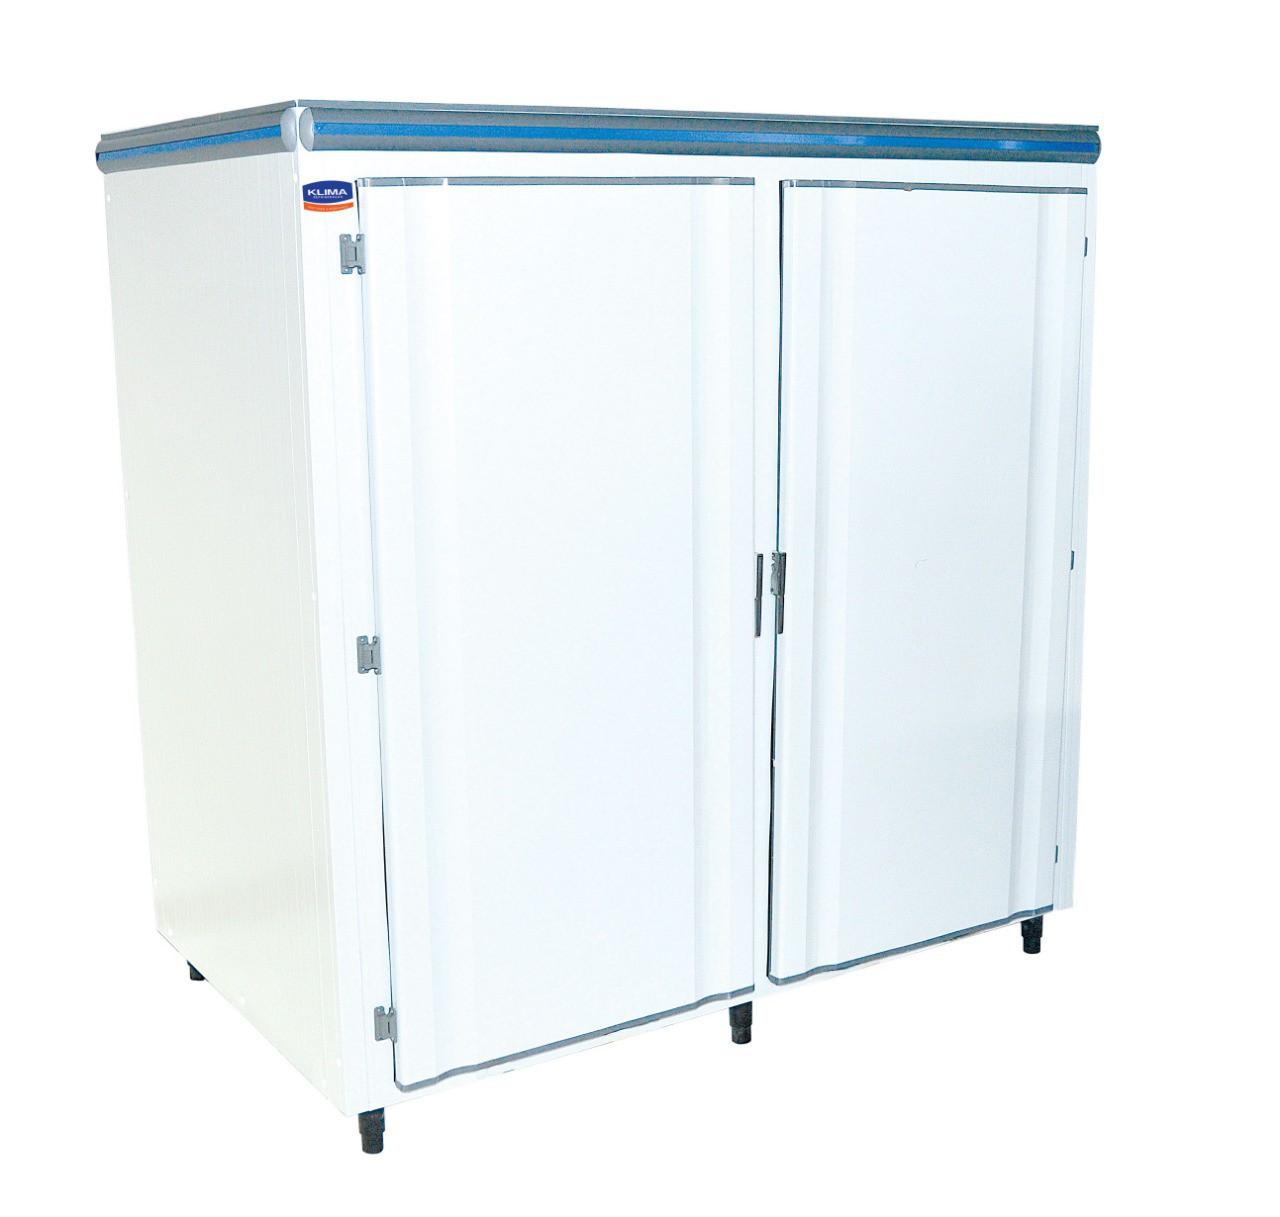 Mini-Câmara Refrigerada Inox 2 Portas 3.330 Litros Capacidade de até 1.000kg  - KLIMA